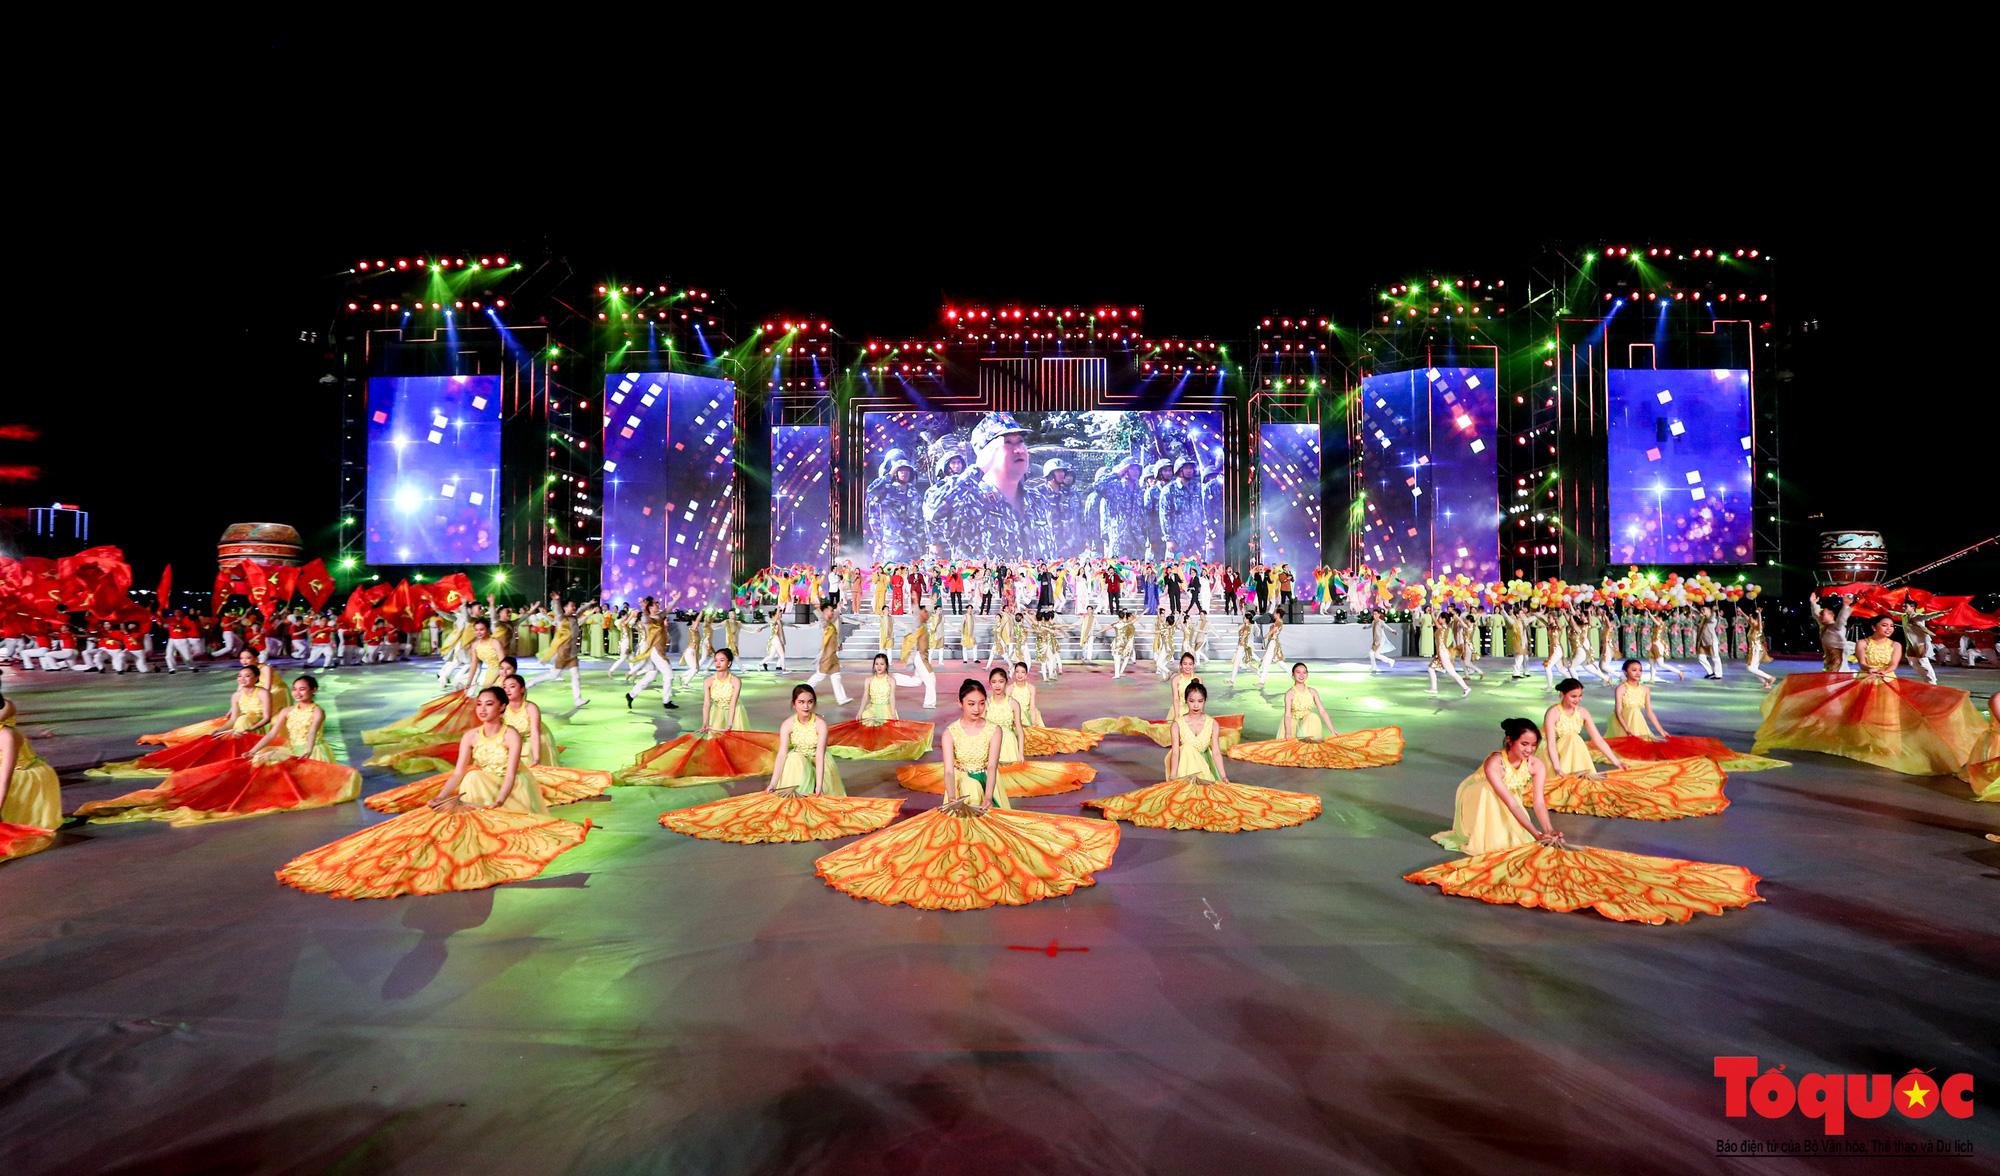 [Ảnh] Hoành tráng chương trình nghệ thuật 'Khát vọng - Tỏa sáng' chào mừng thành công Đại hội XIII của Đảng - Ảnh 13.